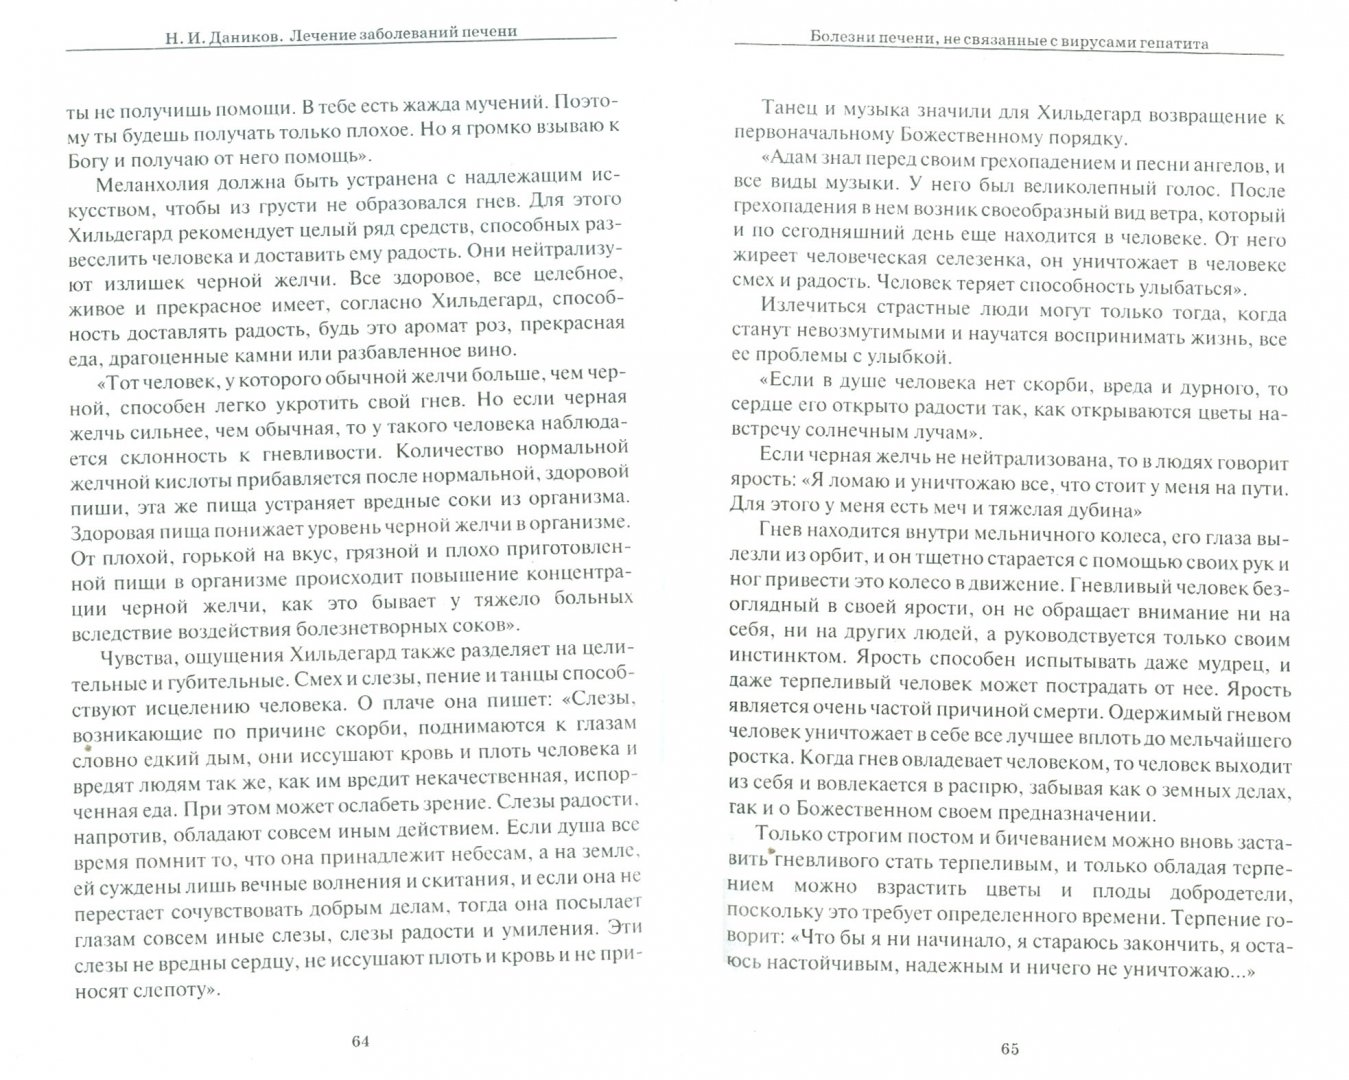 Иллюстрация 1 из 2 для Очищение печени: лечение заболеваний печени и желчевыводящих путей - Николай Даников   Лабиринт - книги. Источник: Лабиринт